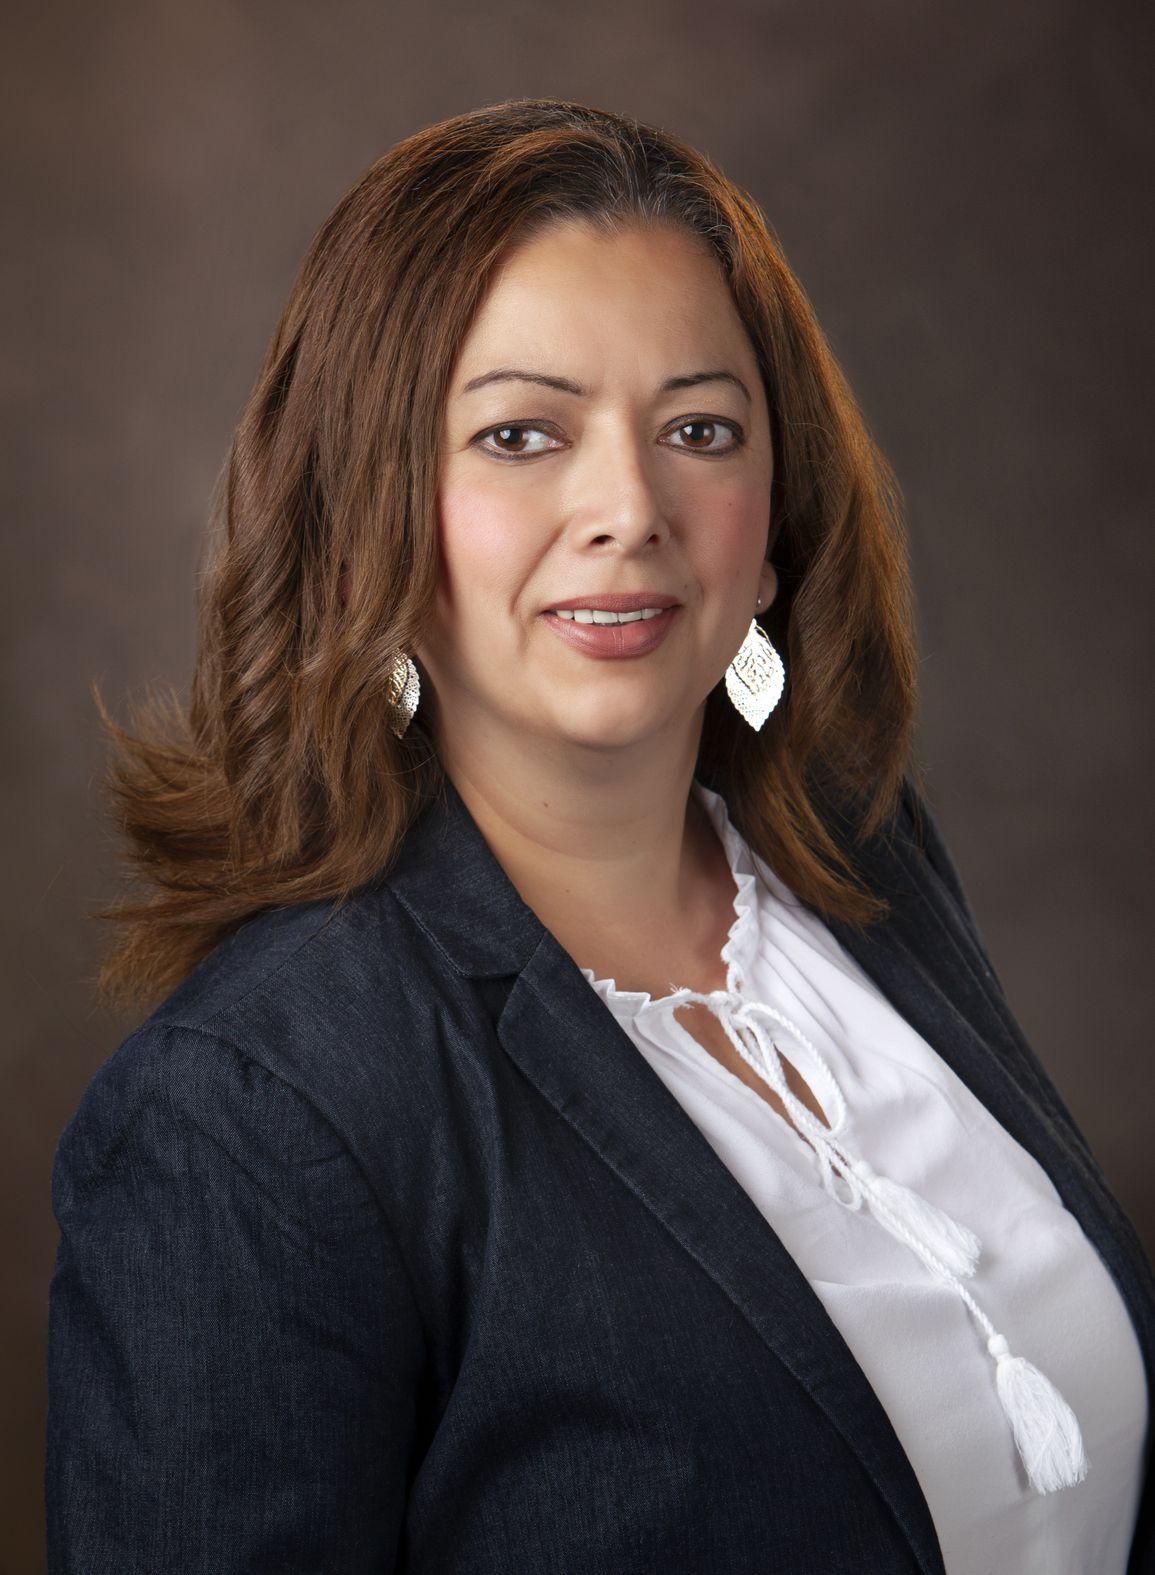 Ellie Reyes